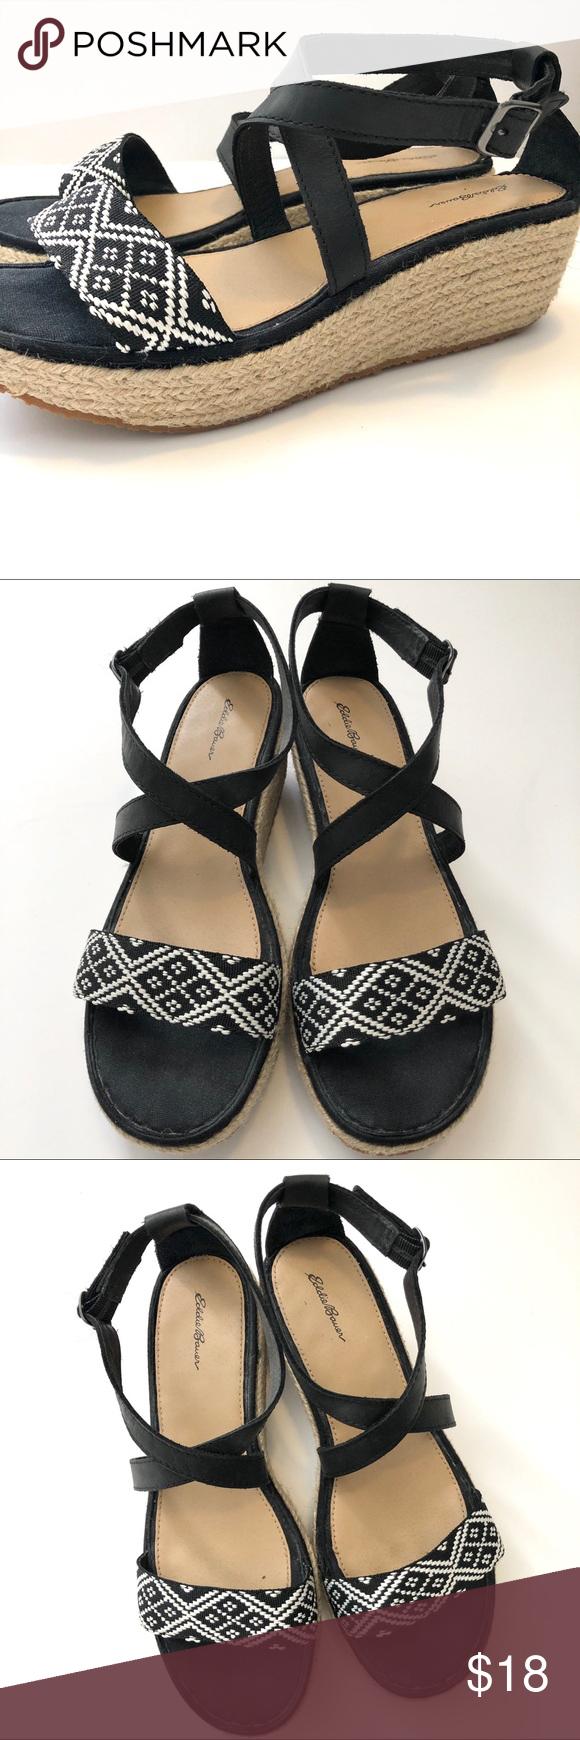 Eddie Bauer Black & White Wedge Sandals White wedge